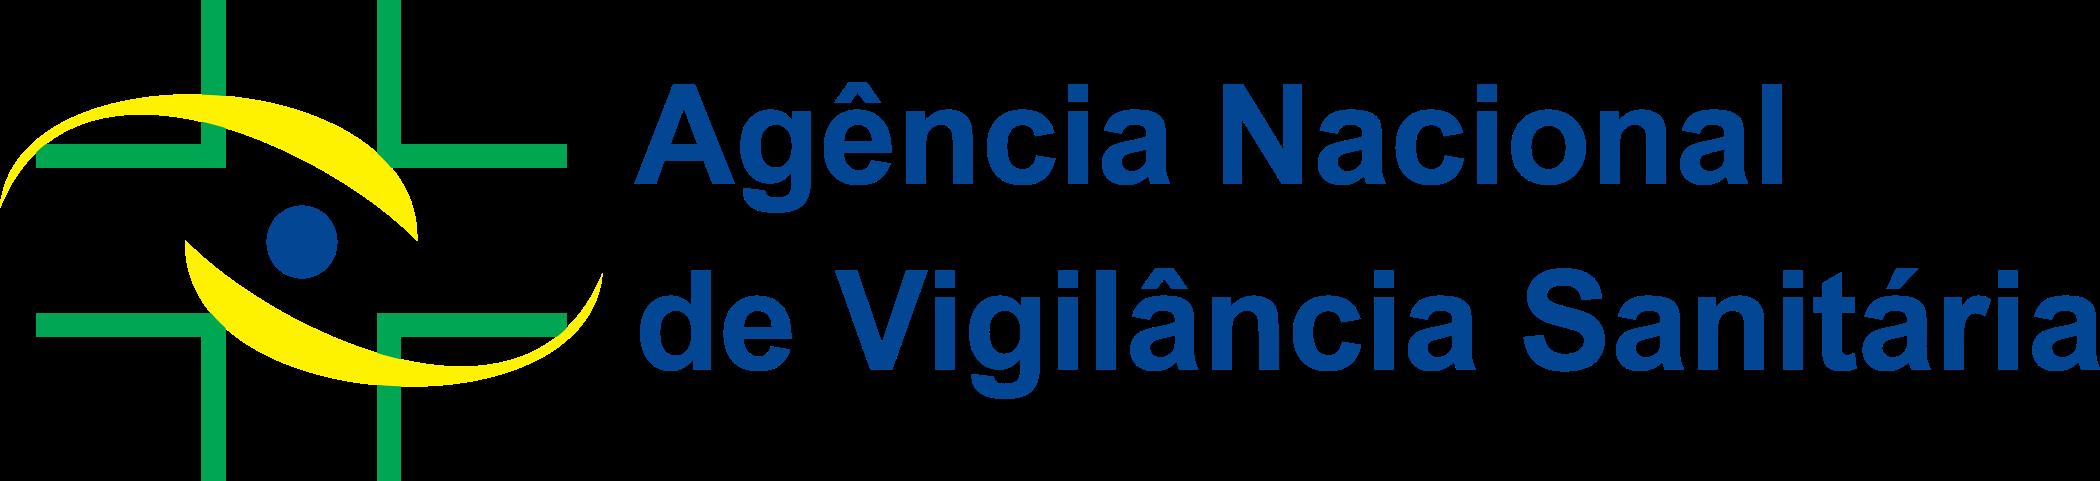 anvisa logo 1 - Anvisa Logo - Agência Nacional de Vigilância Sanitária Logo